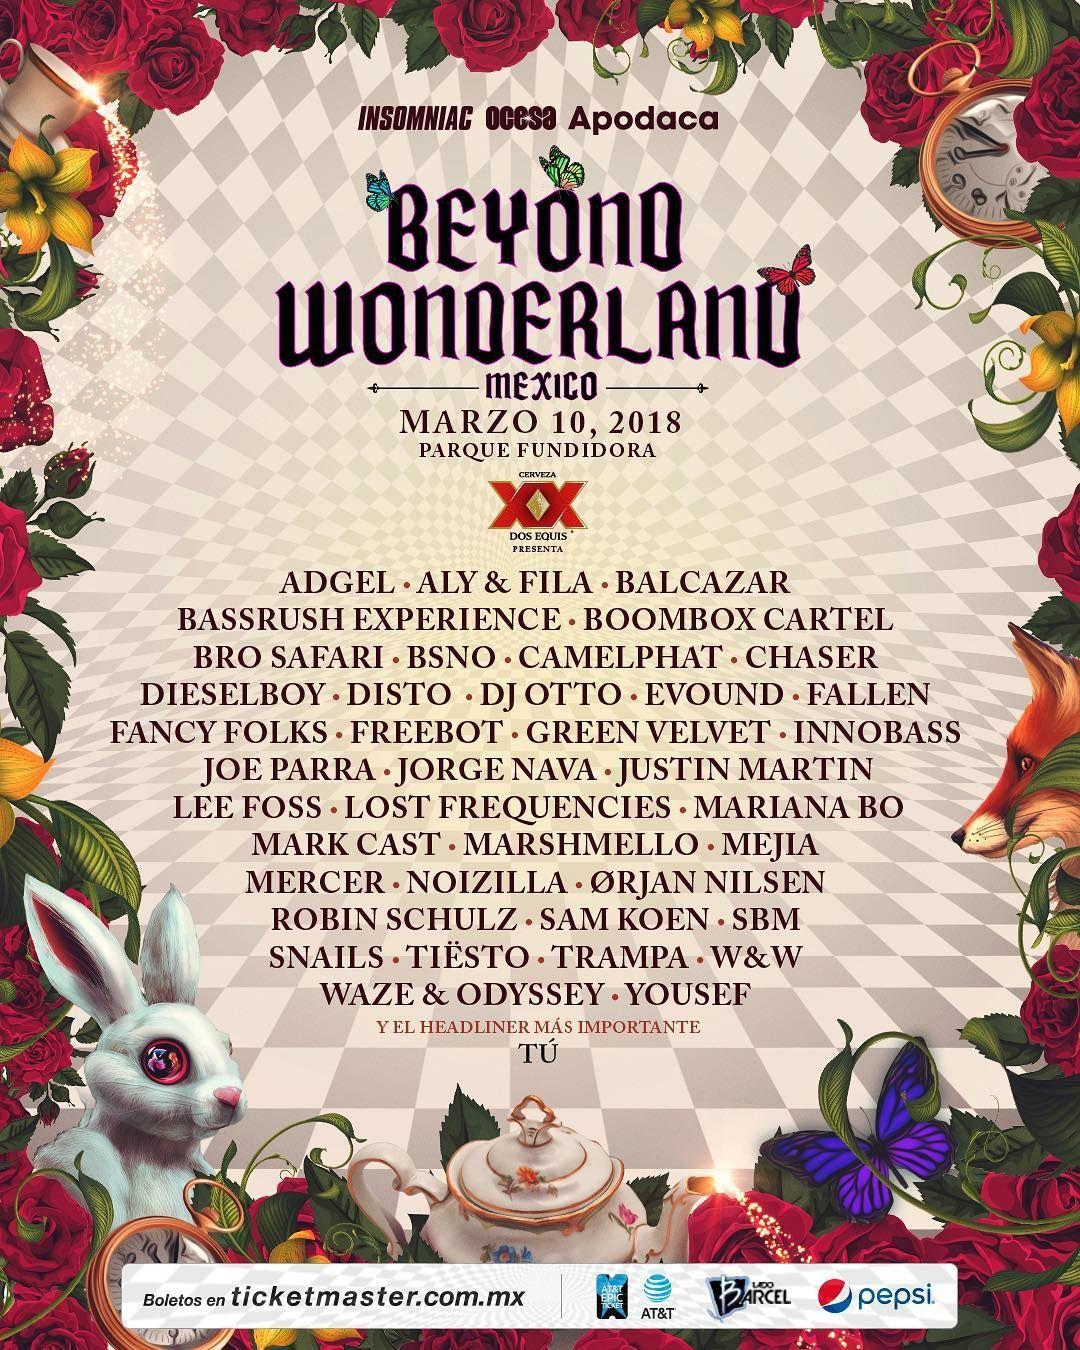 Tiësto date | Beyond Wonderland | Monterrey, Mexico - march 10, 2018